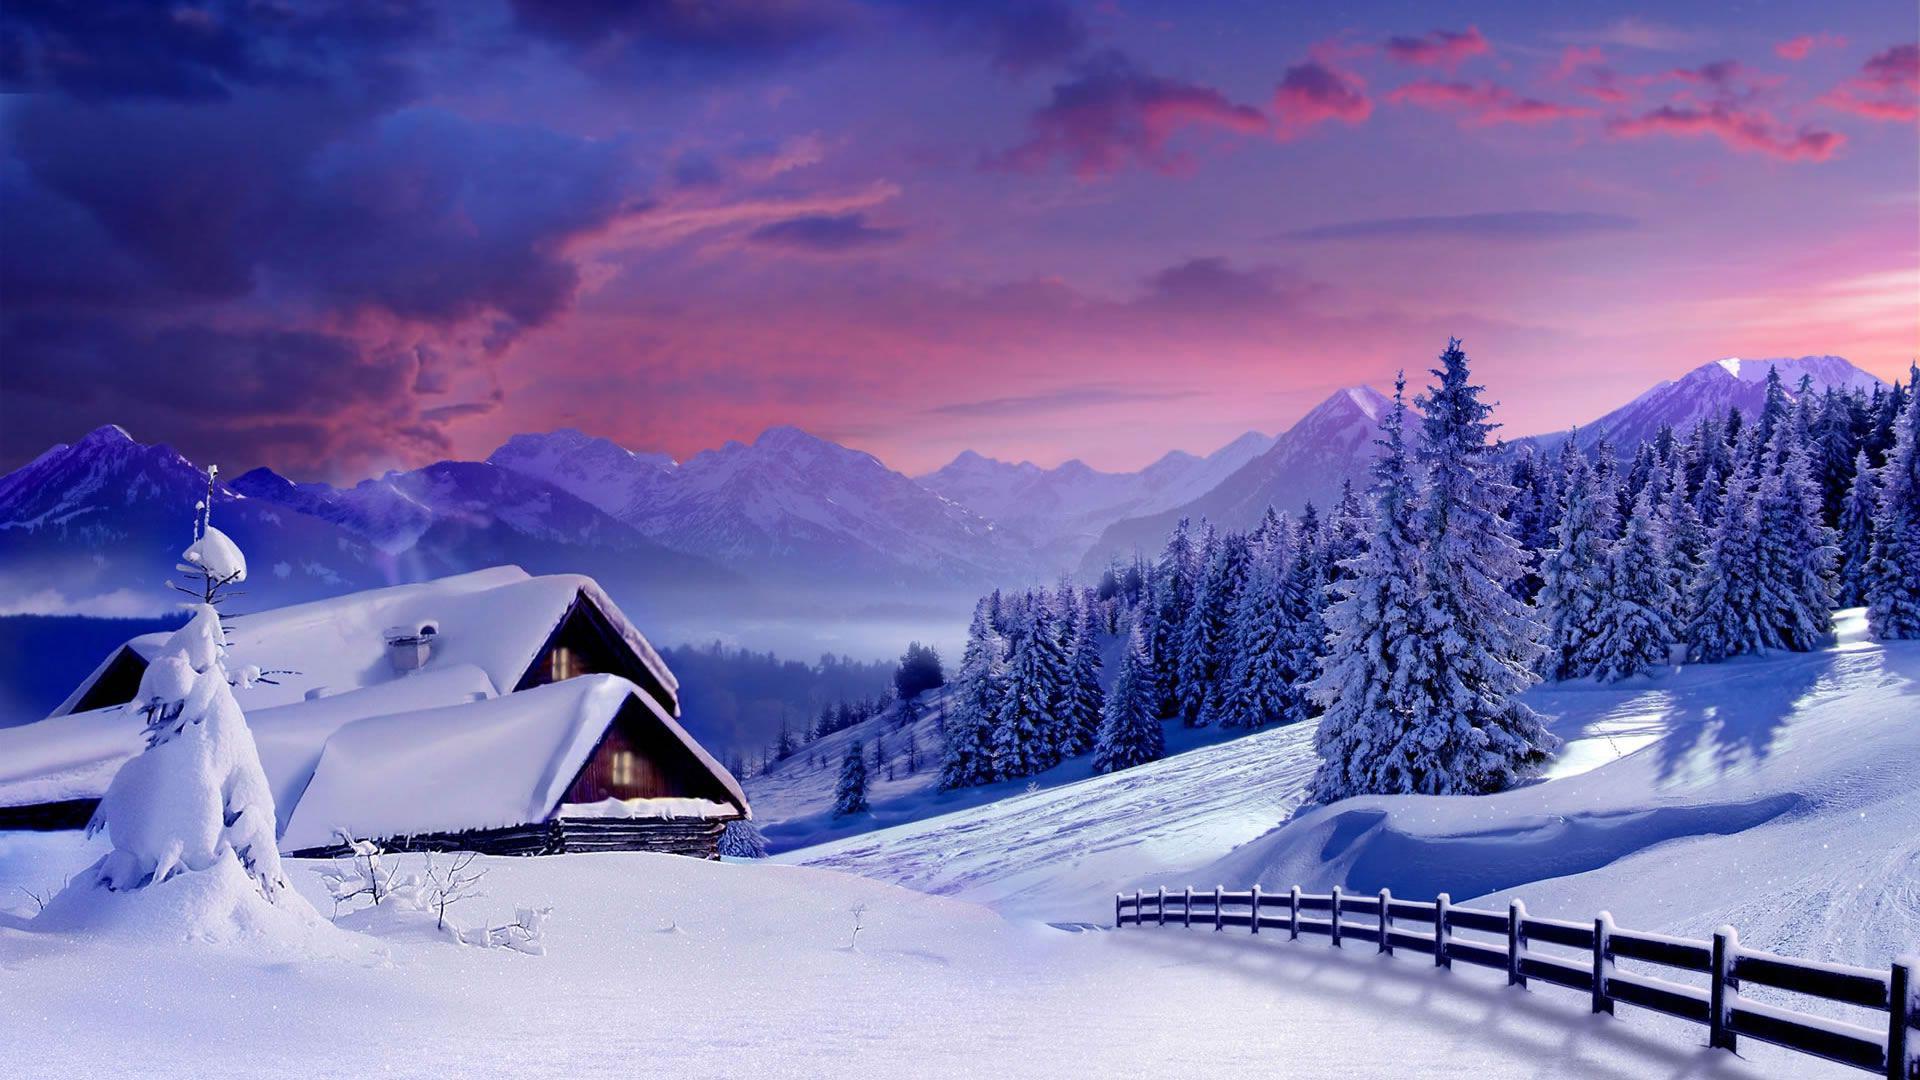 Картинки про новый год и зиму - самые удивительные и красивые 3